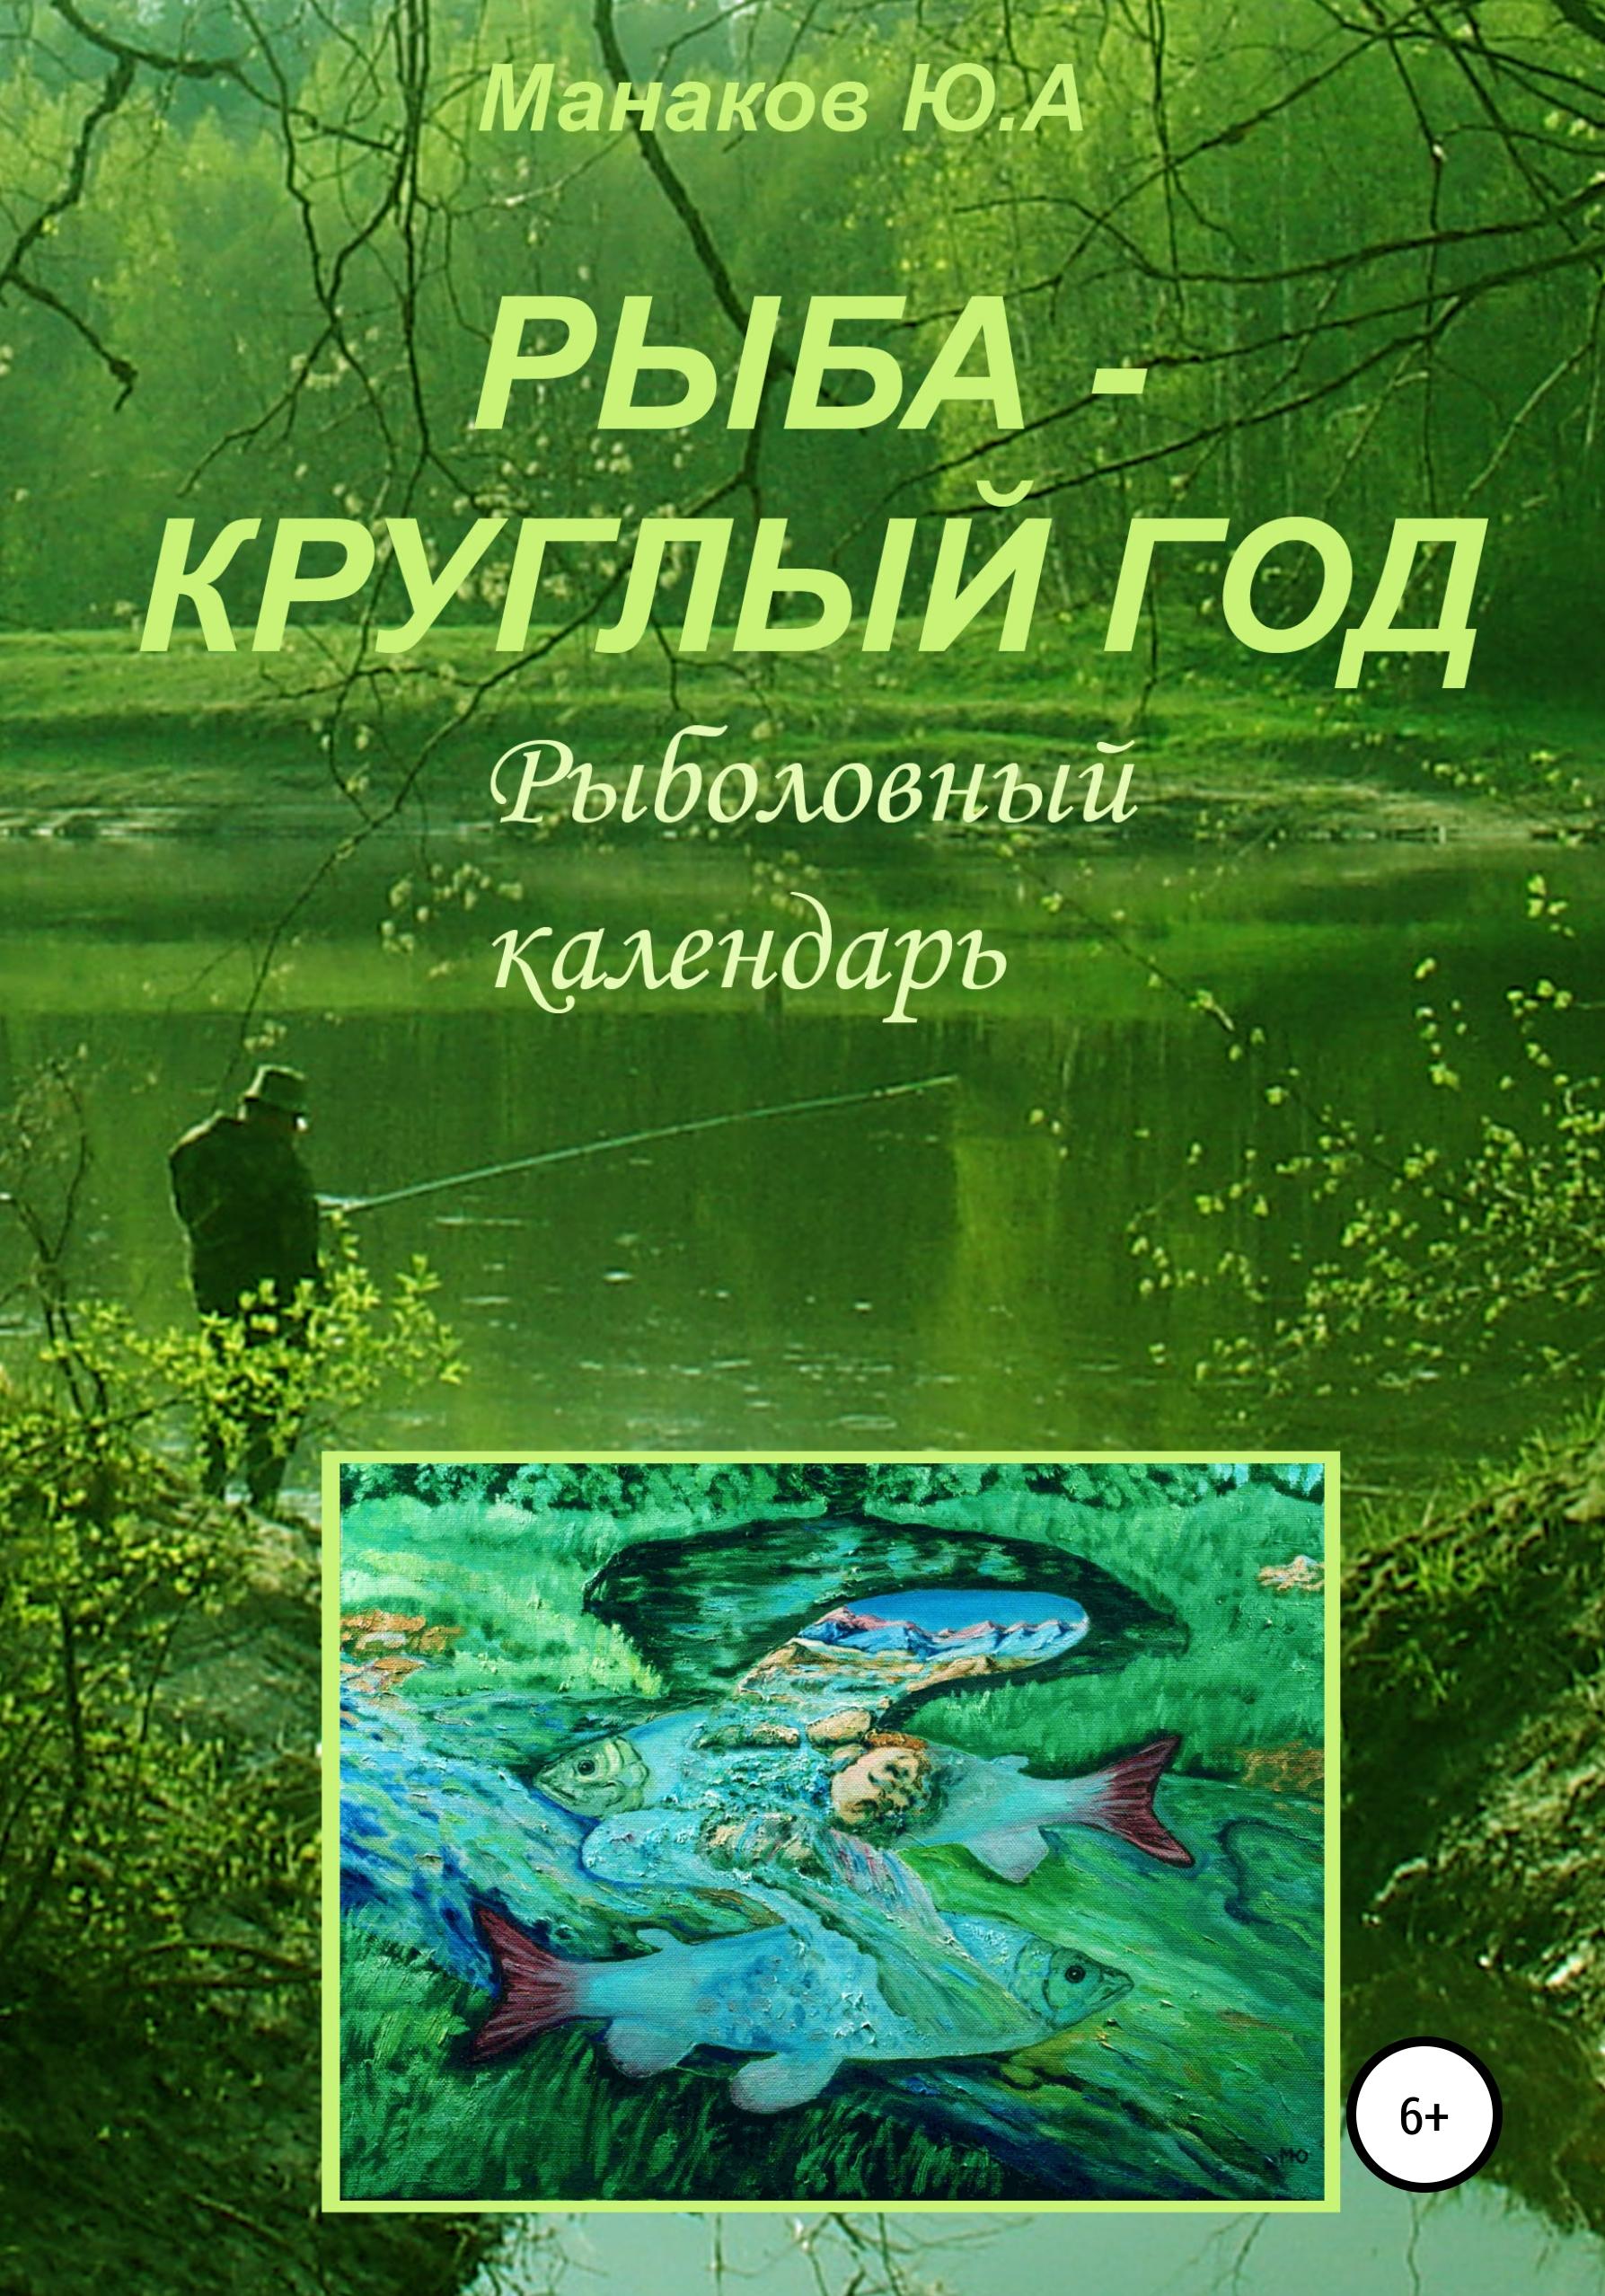 Купить книгу Рыба – круглый год. Рыболовный календарь, автора Юрия Аркадьевича Манакова